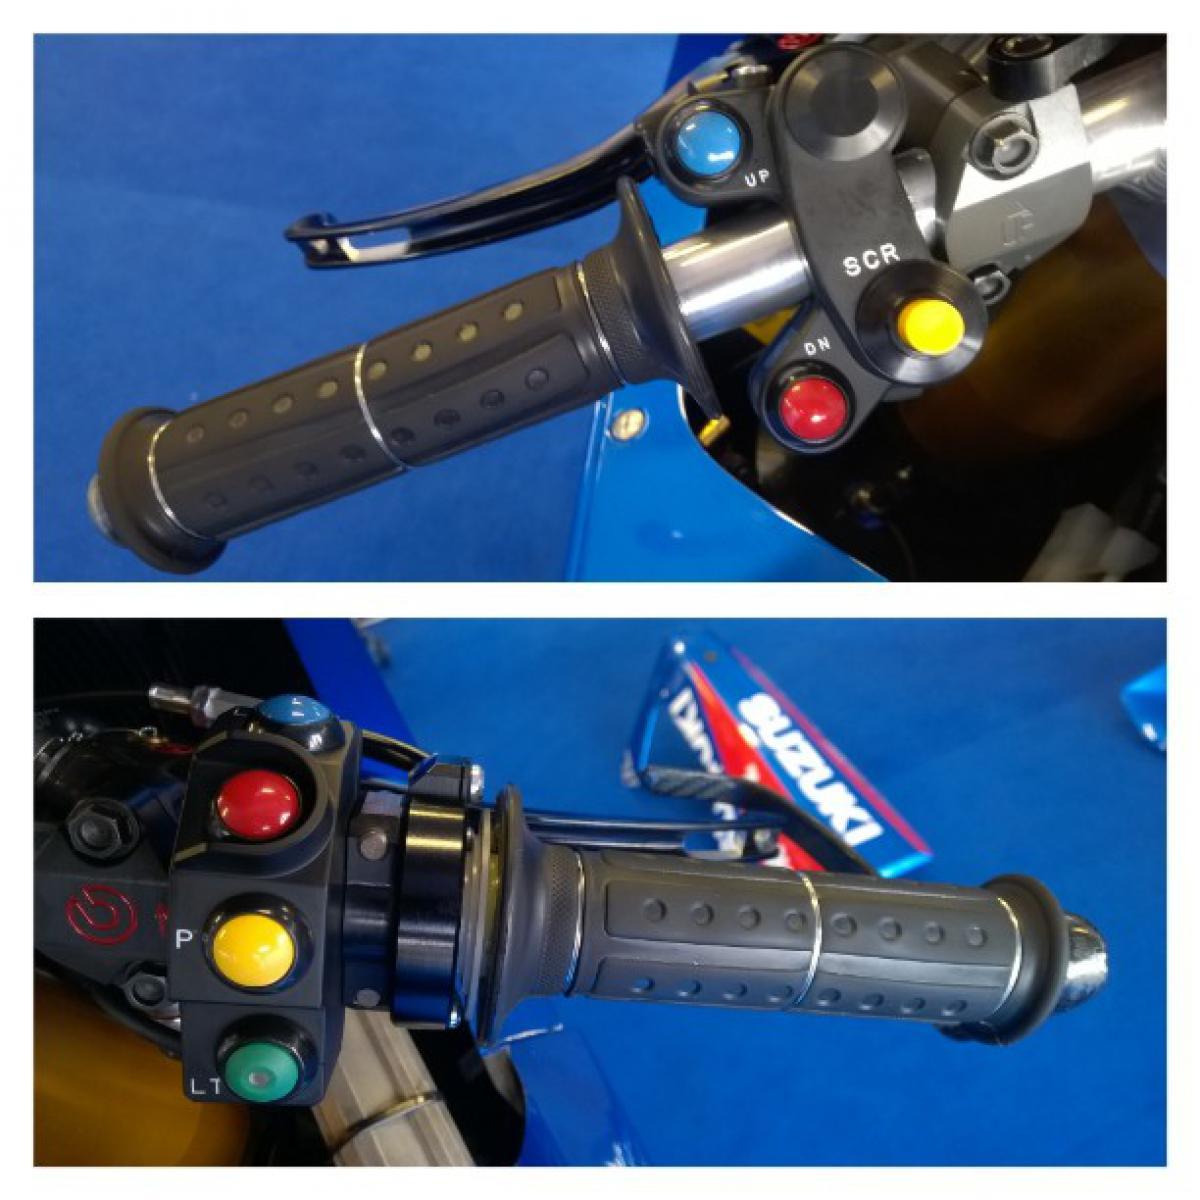 Suzuki объяснила предназначение кнопок на мотоцикле GSX-RR